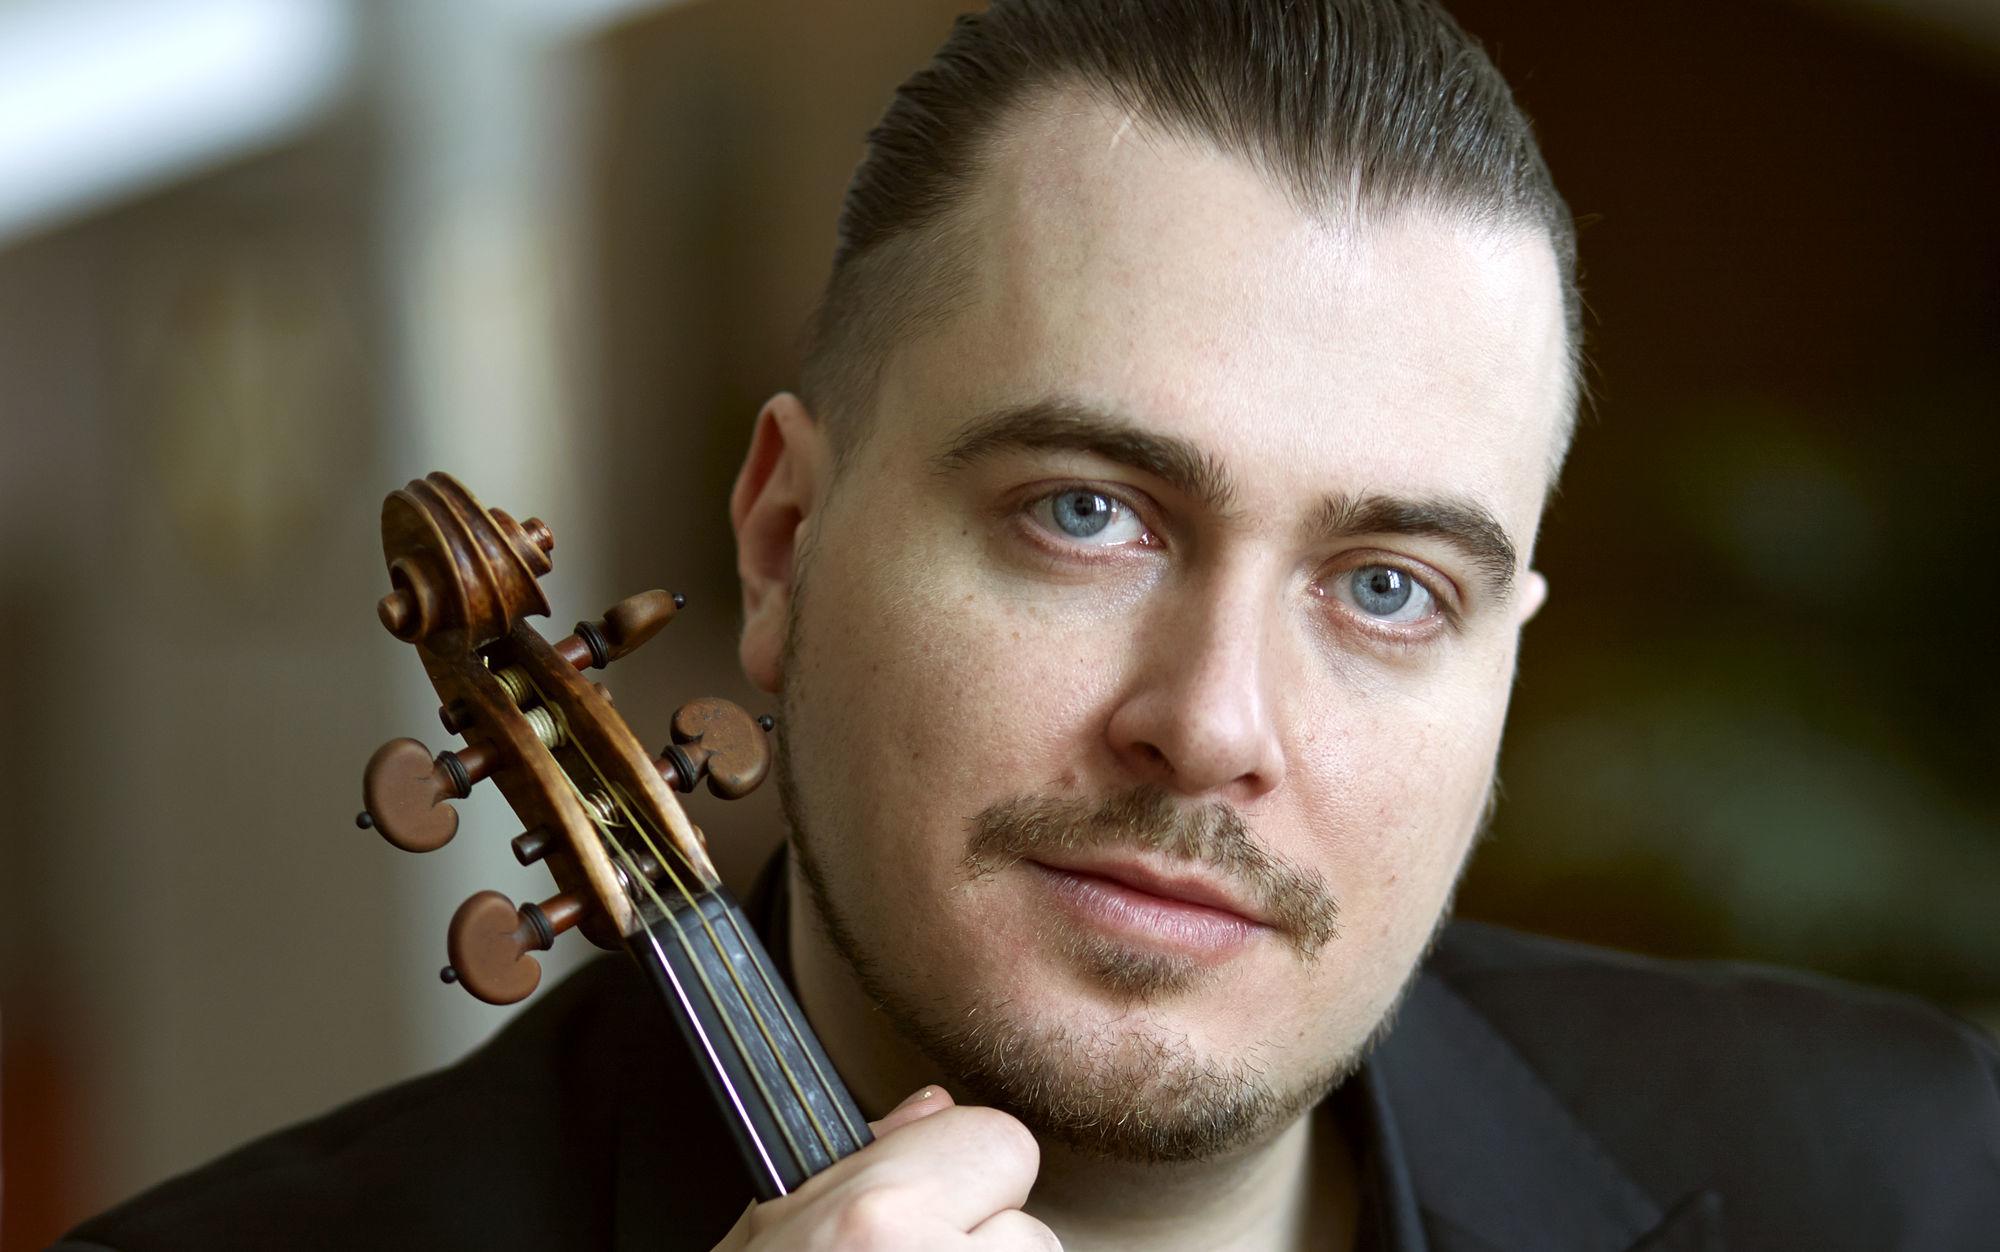 Dmitry Sinkov